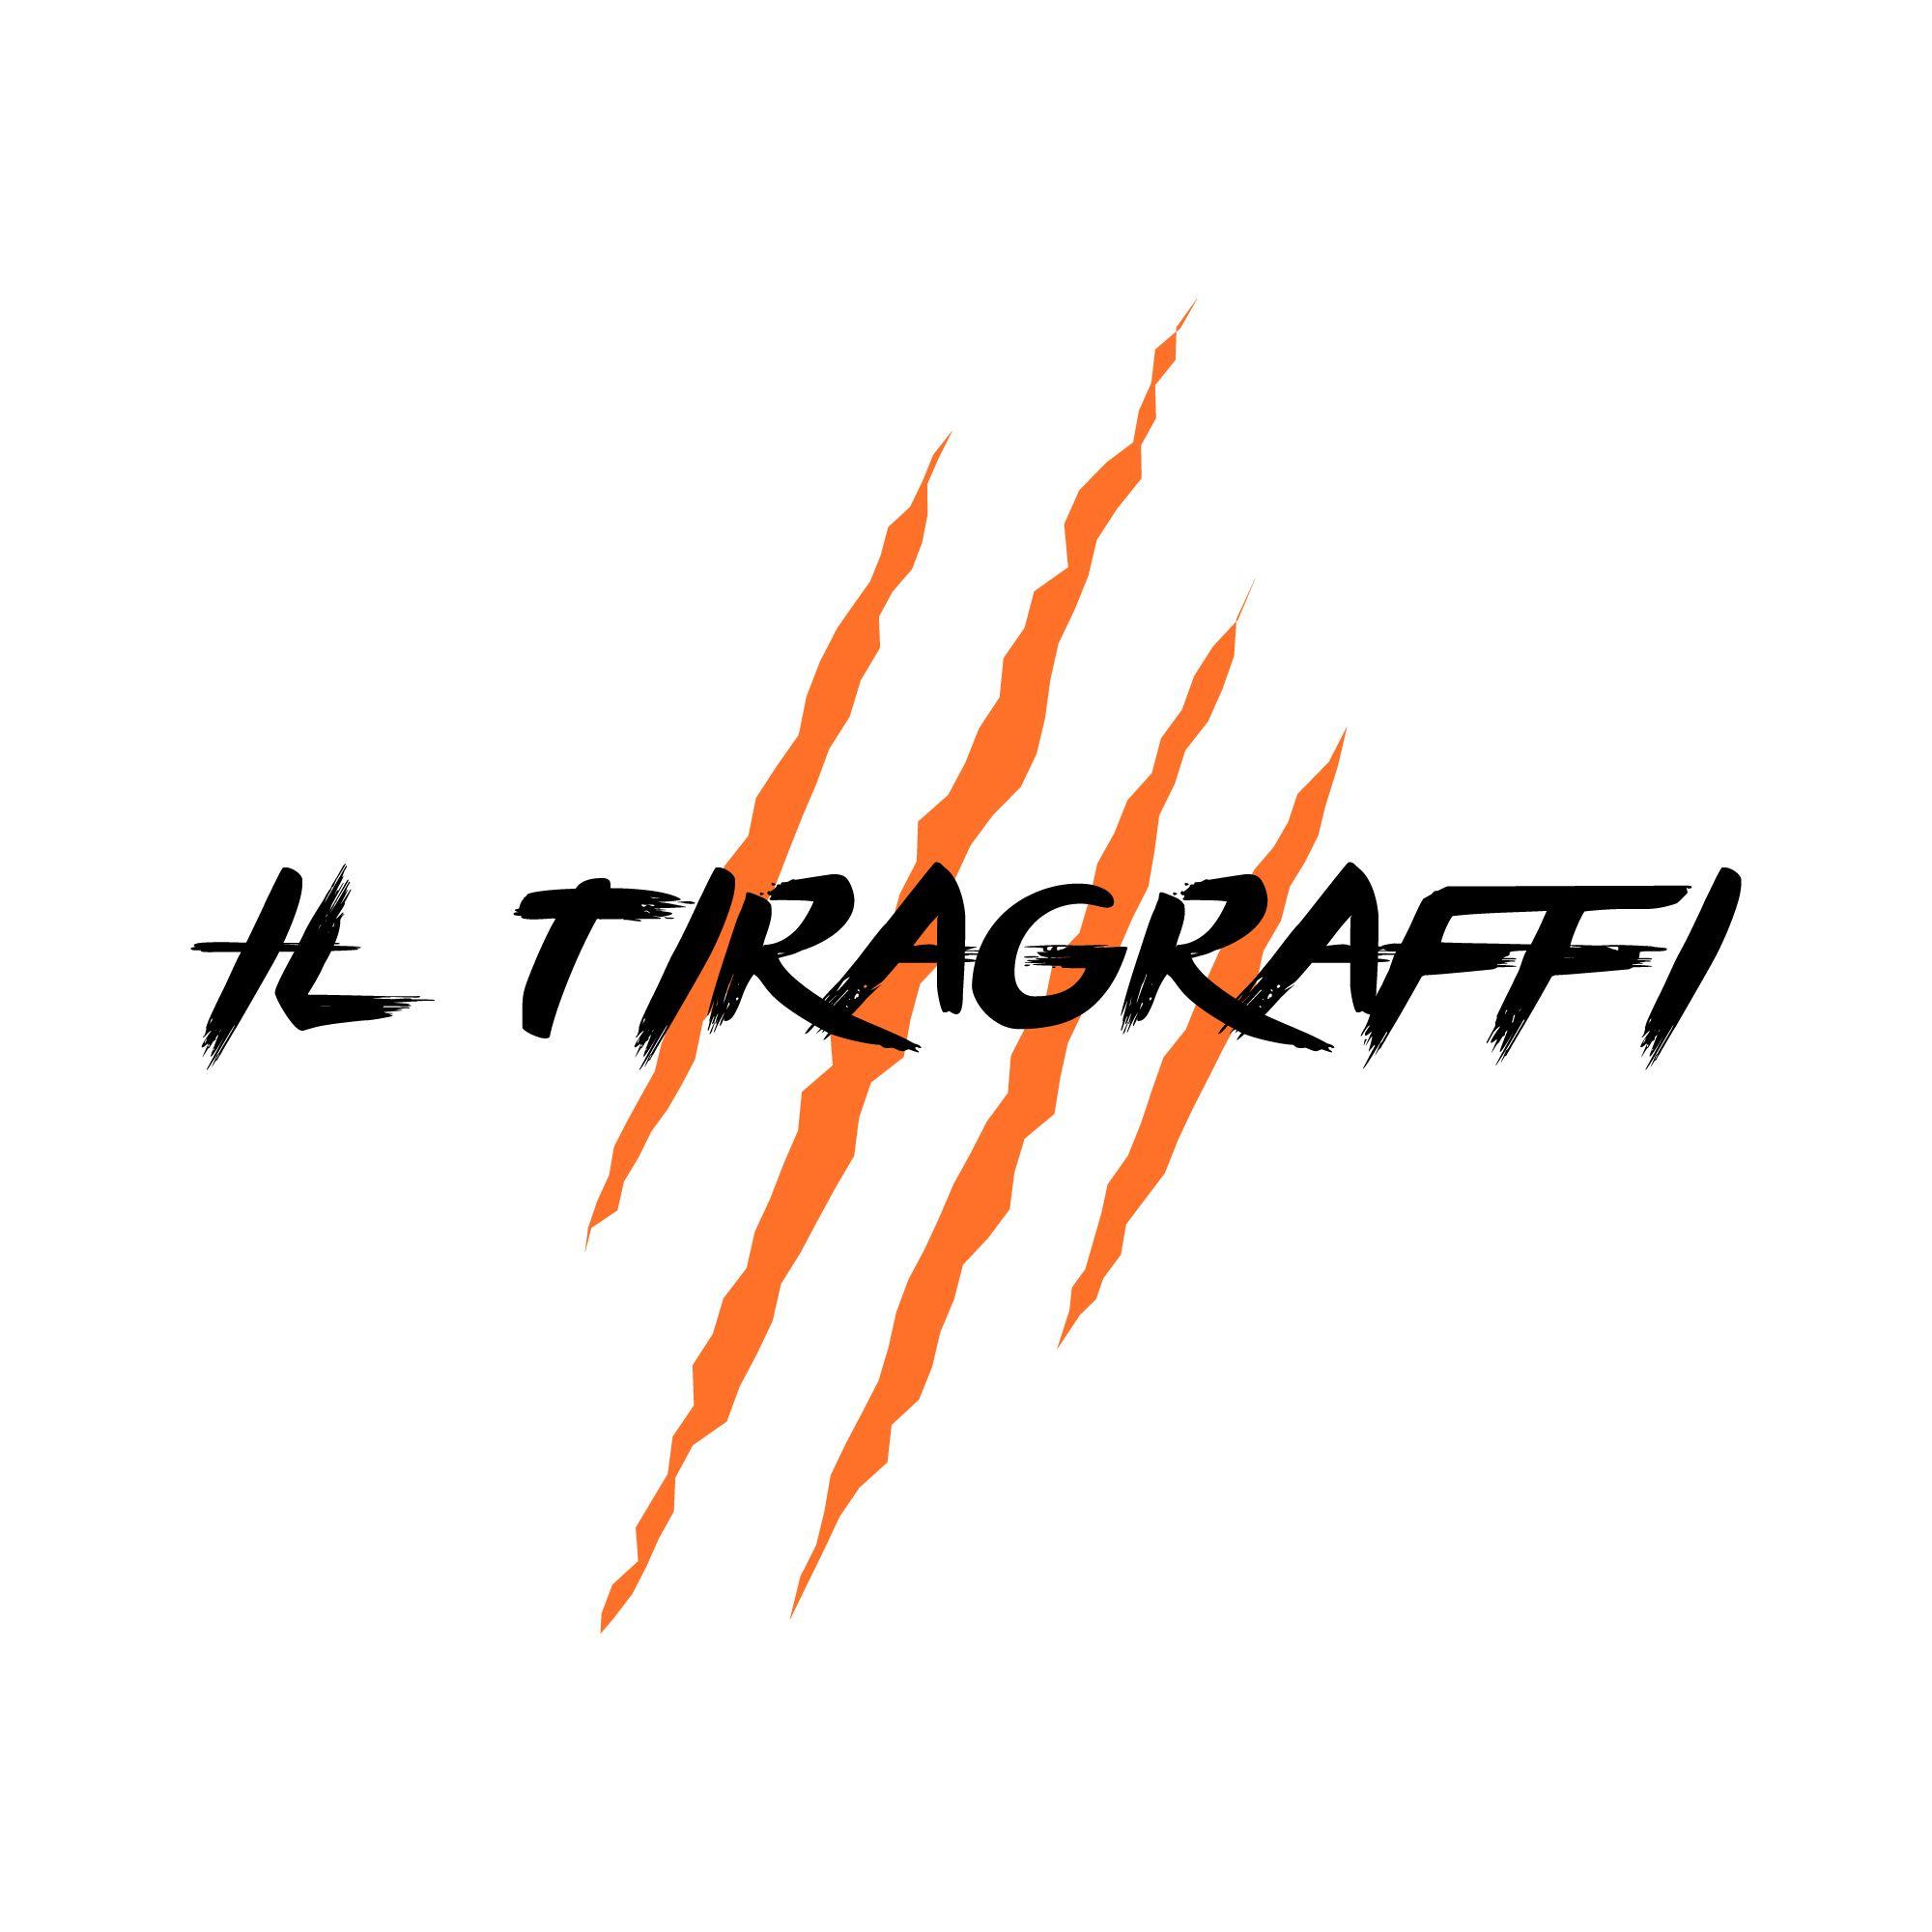 Il Tiragraffi